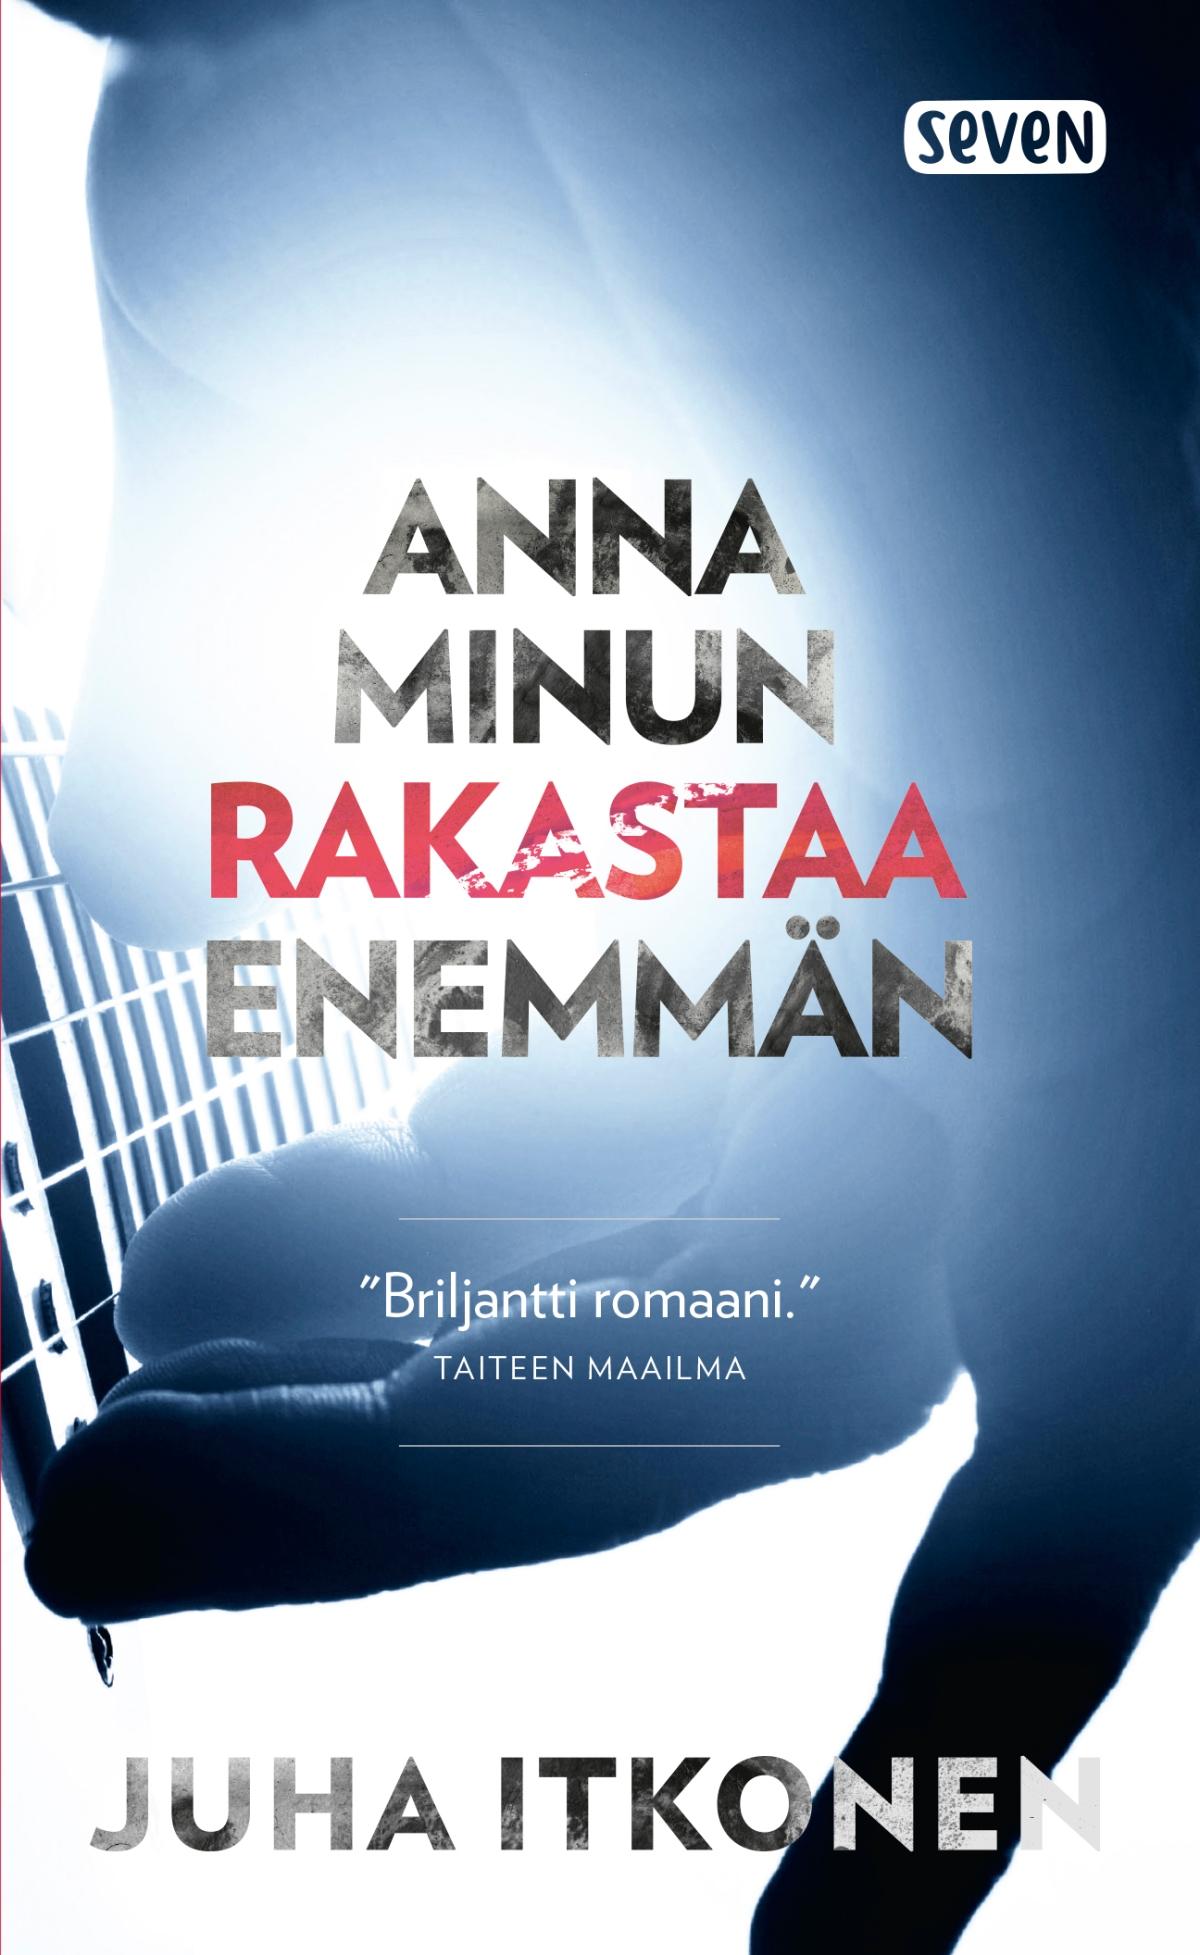 Juha Itkonen: Anna minun rakastaaenemmän